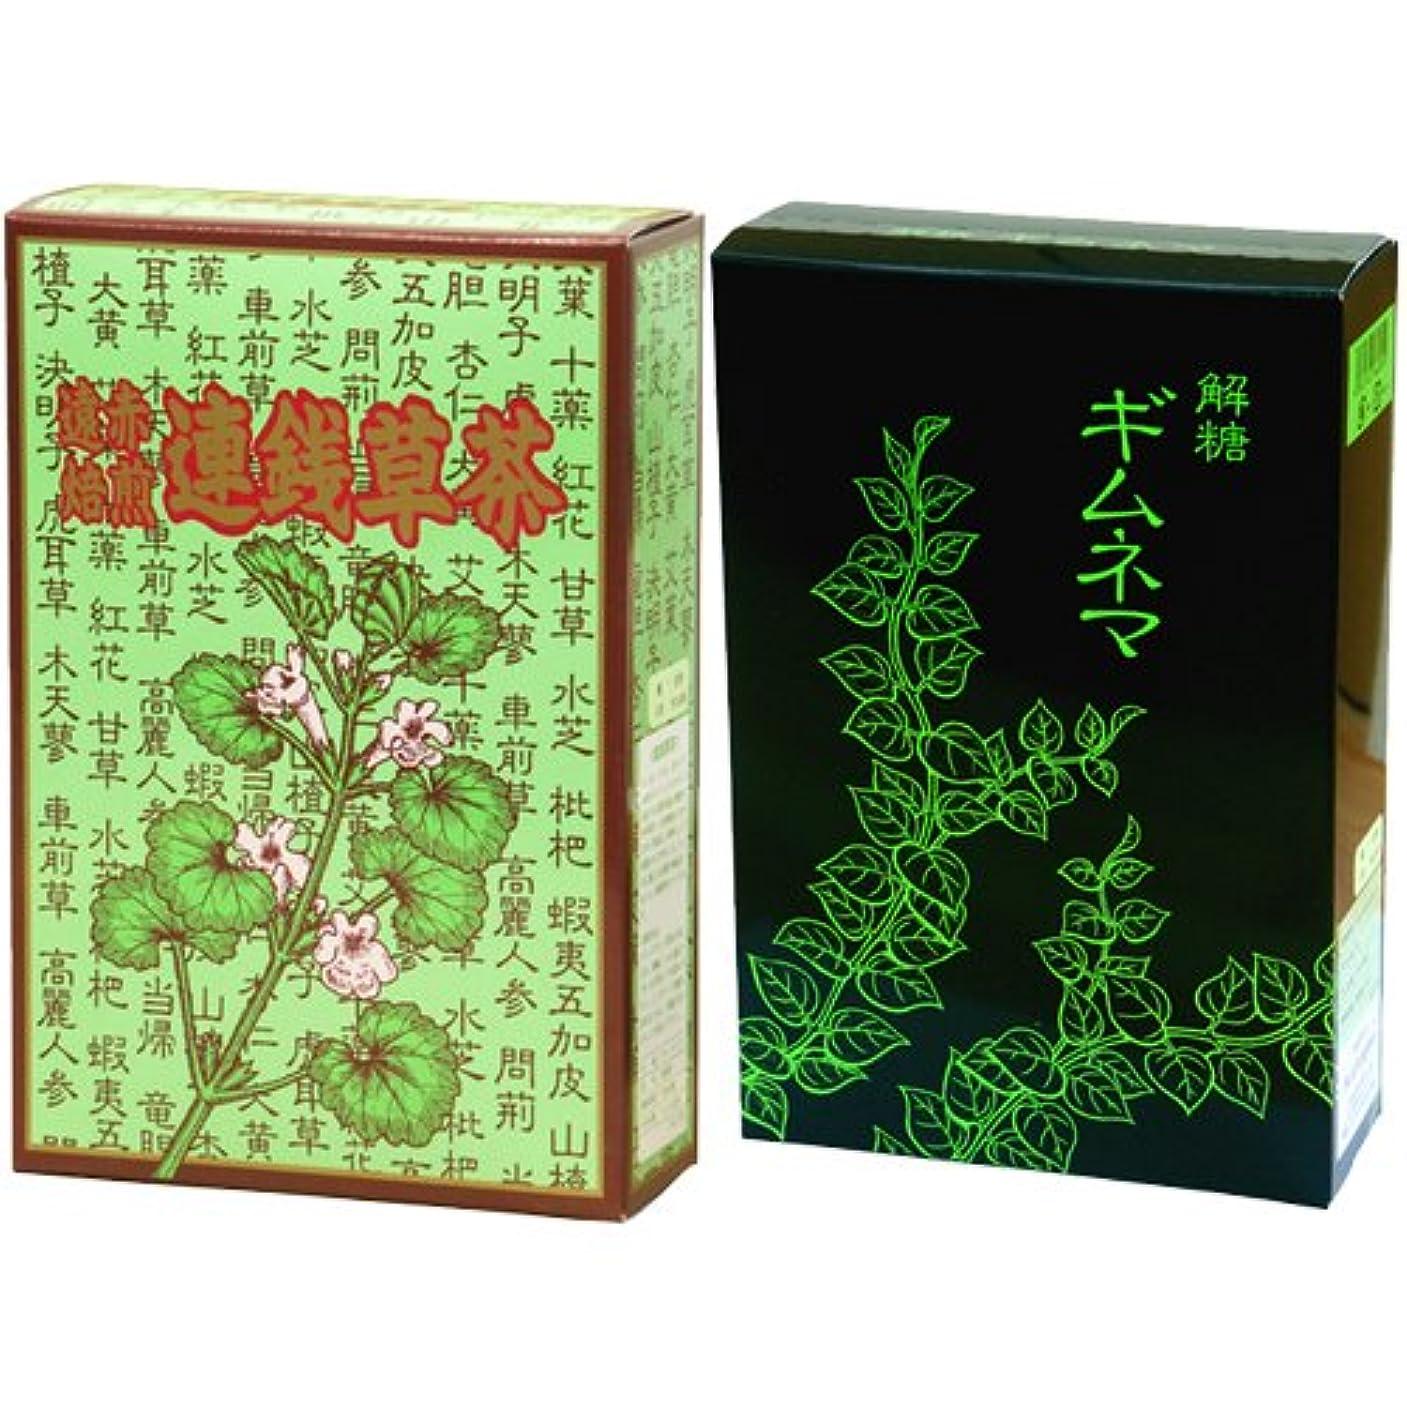 遵守する適合する潜在的な自然健康社 国産連銭草茶 30パック + 解糖ギムネマ 32パック